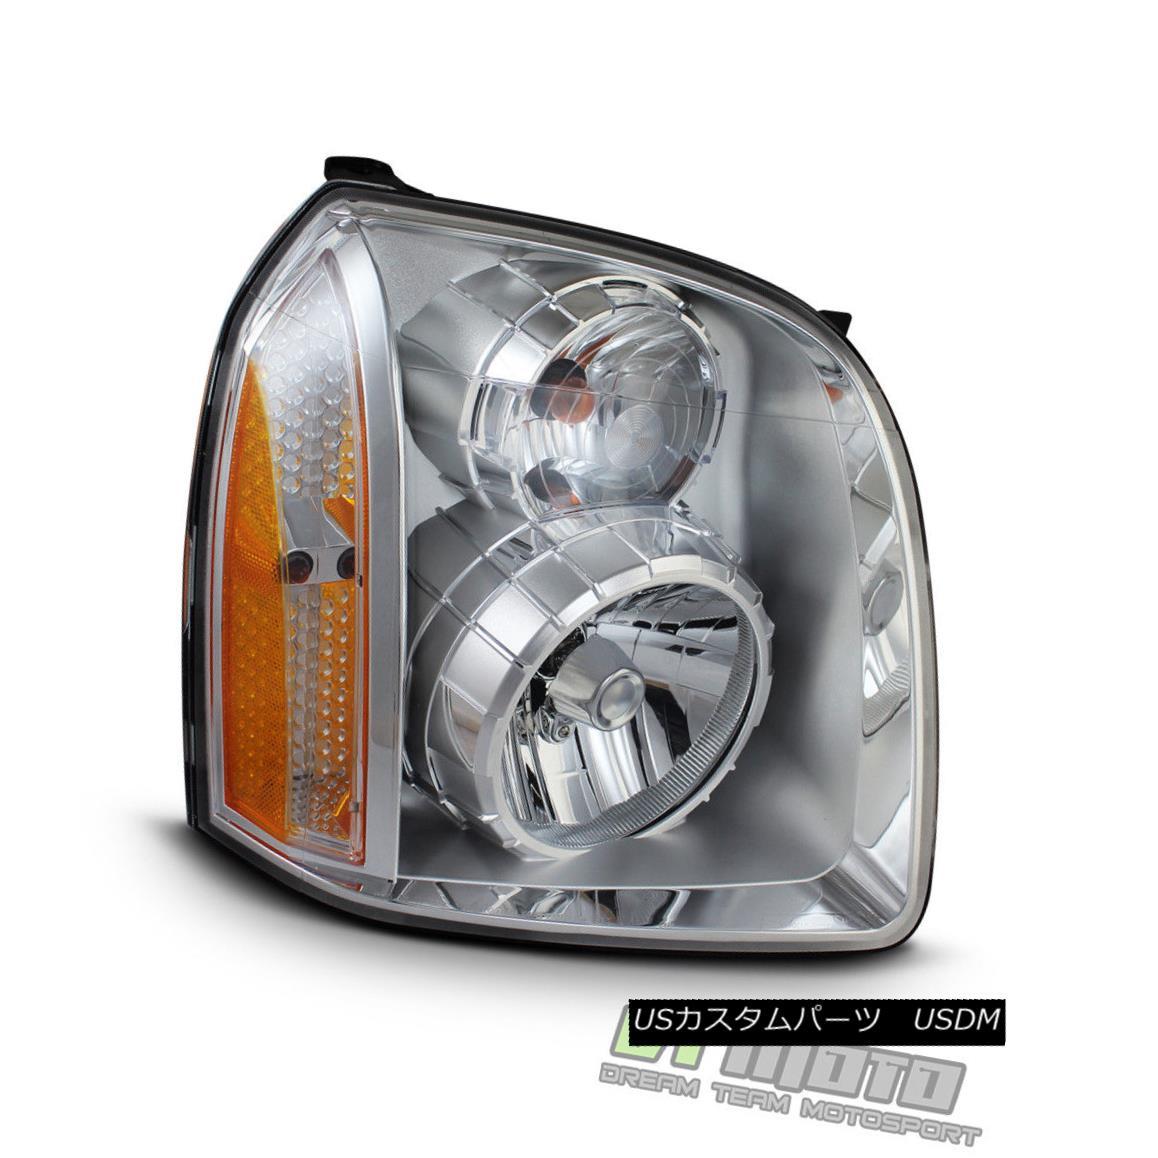 ヘッドライト 2007-2014 GMC Yukon Denali /XL Denali Headlight Headlamp Right Passenger Side 2007-2014 GMCユーコンデナリ/ XLデナリヘッドライトヘッドランプ右乗員側